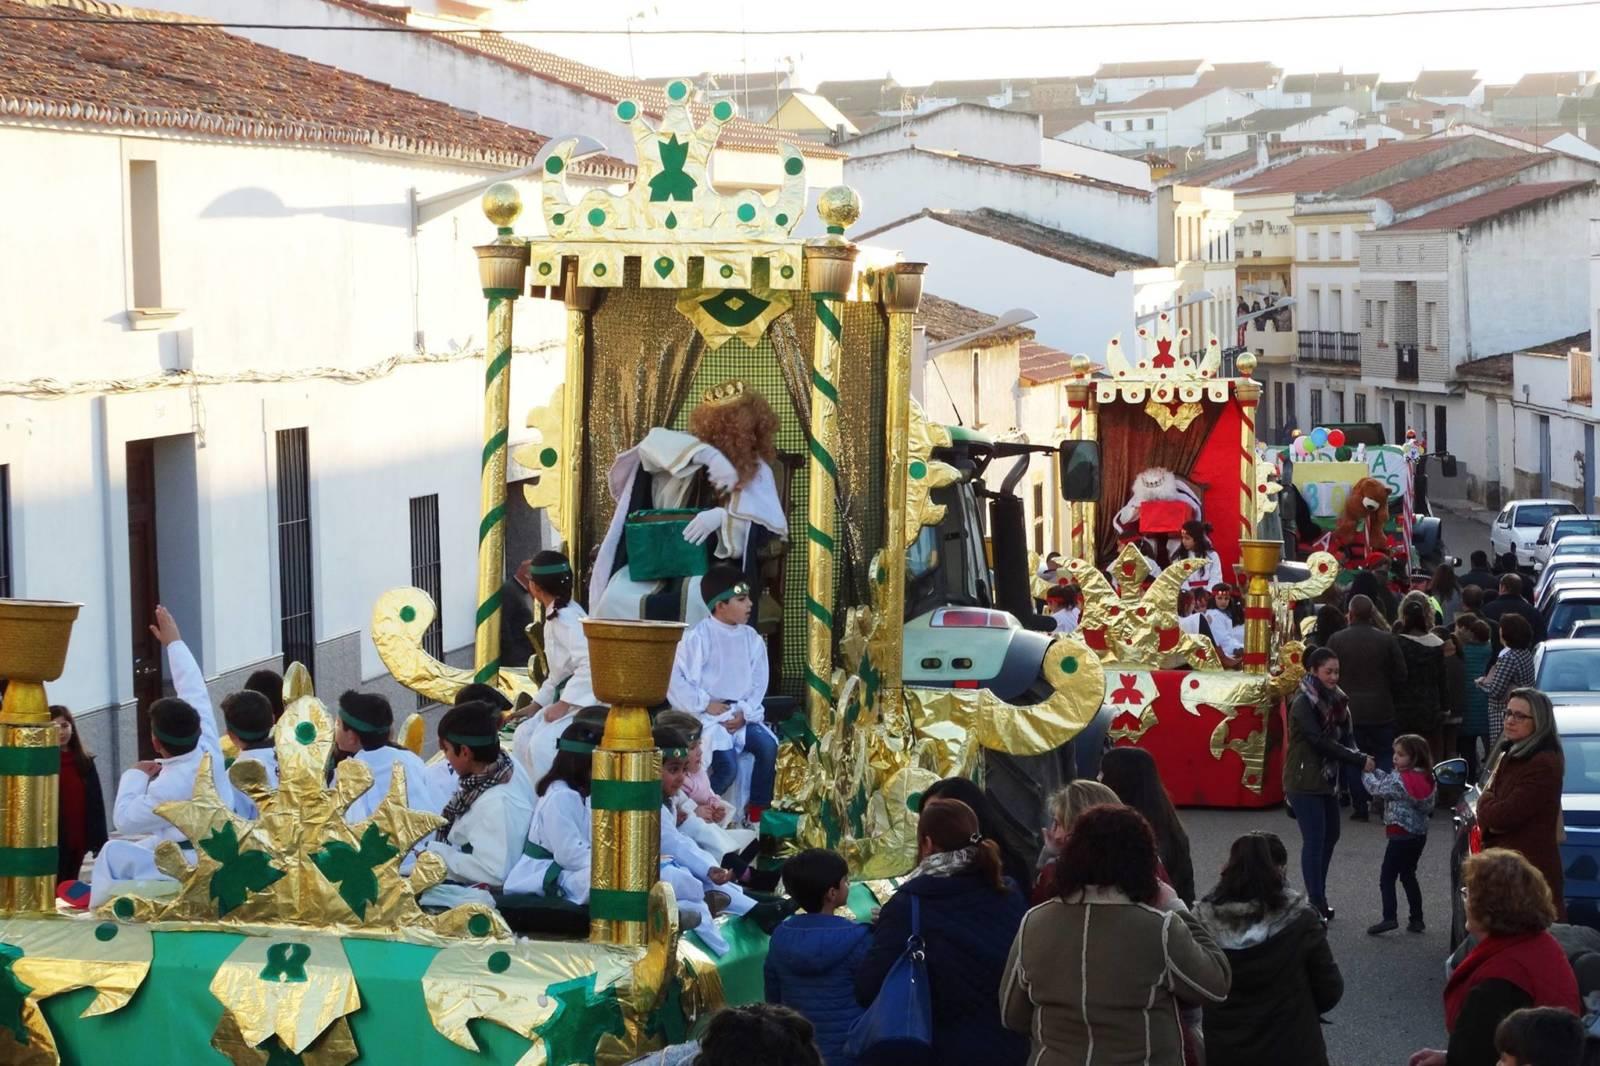 Carrozas De Reyes Magos Fotos.La Cabalgata De Los Reyes Magos Contara Con Cuatro Carrozas